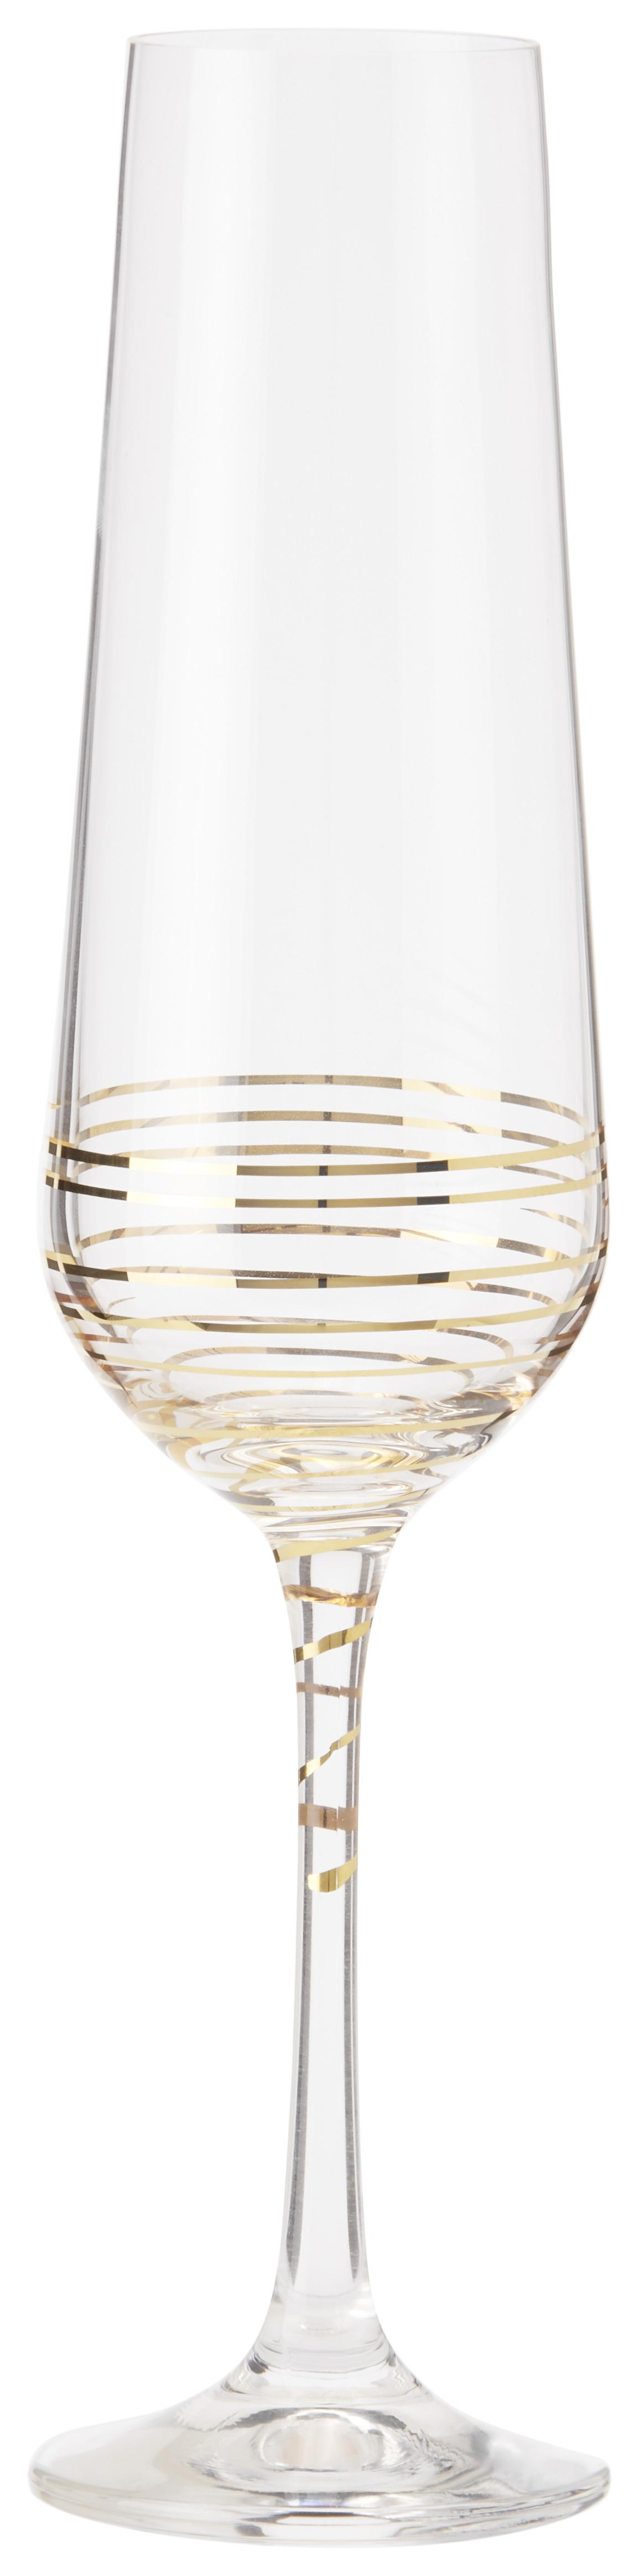 Sektglas Elegance ca. 200ml